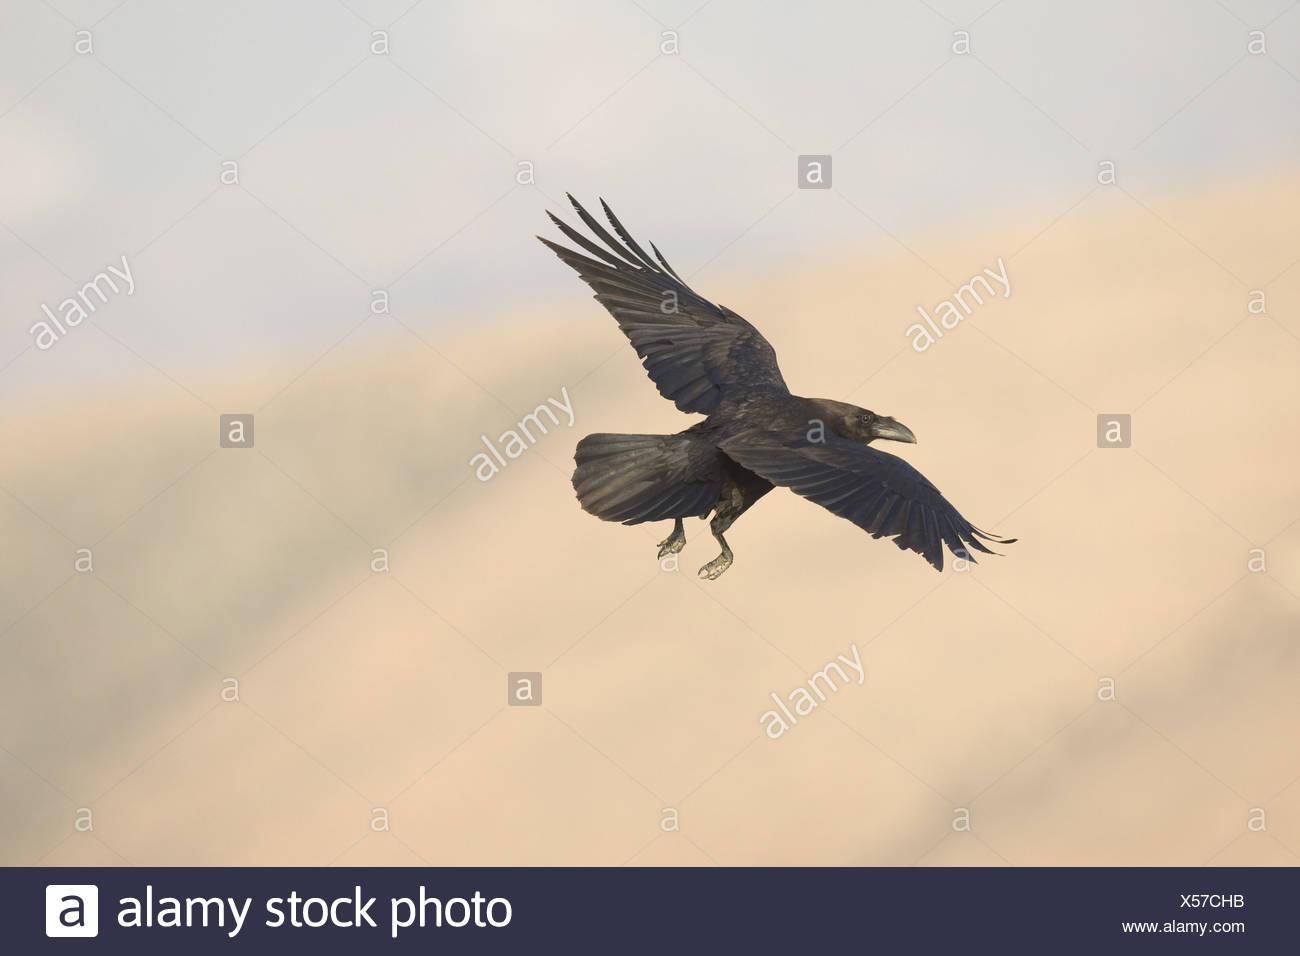 Kanarischen Inseln Raven (Corvus Corax Tingitanus) c Stockfoto